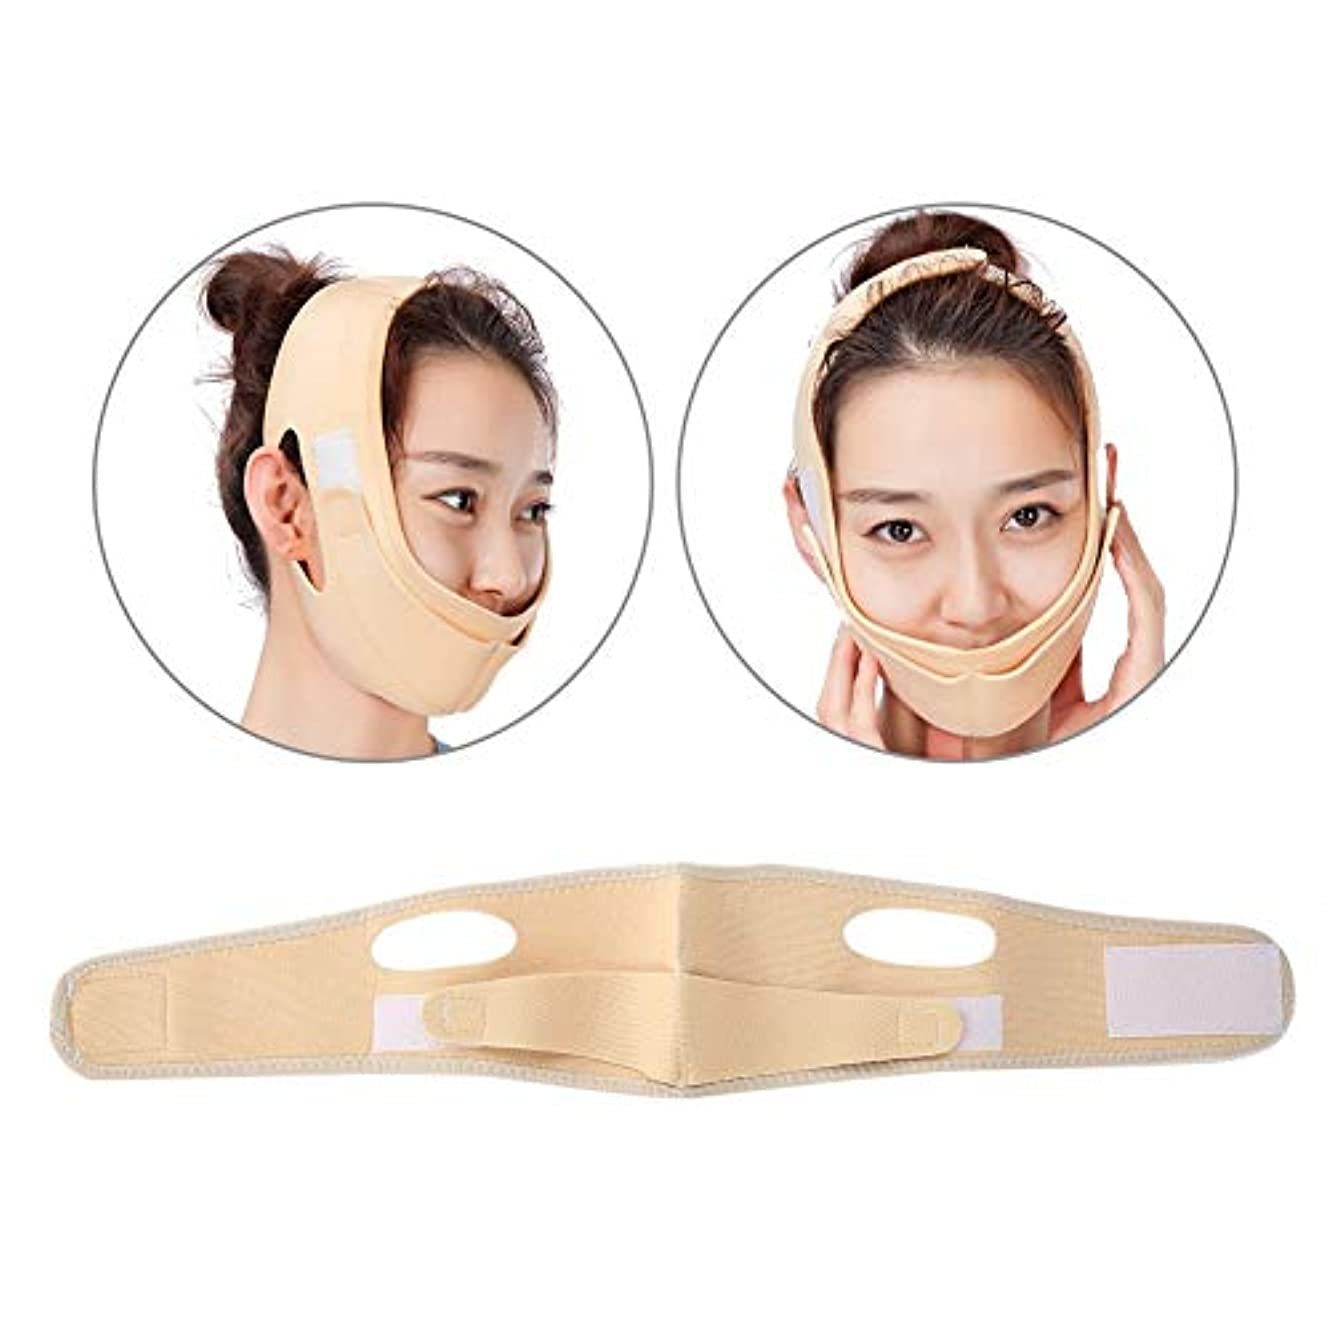 バイオレット権利を与える死フェイスリフト用 フェイスマスク 顔輪郭を改善する 美容包帯 通気性/伸縮性/変形不可(01)